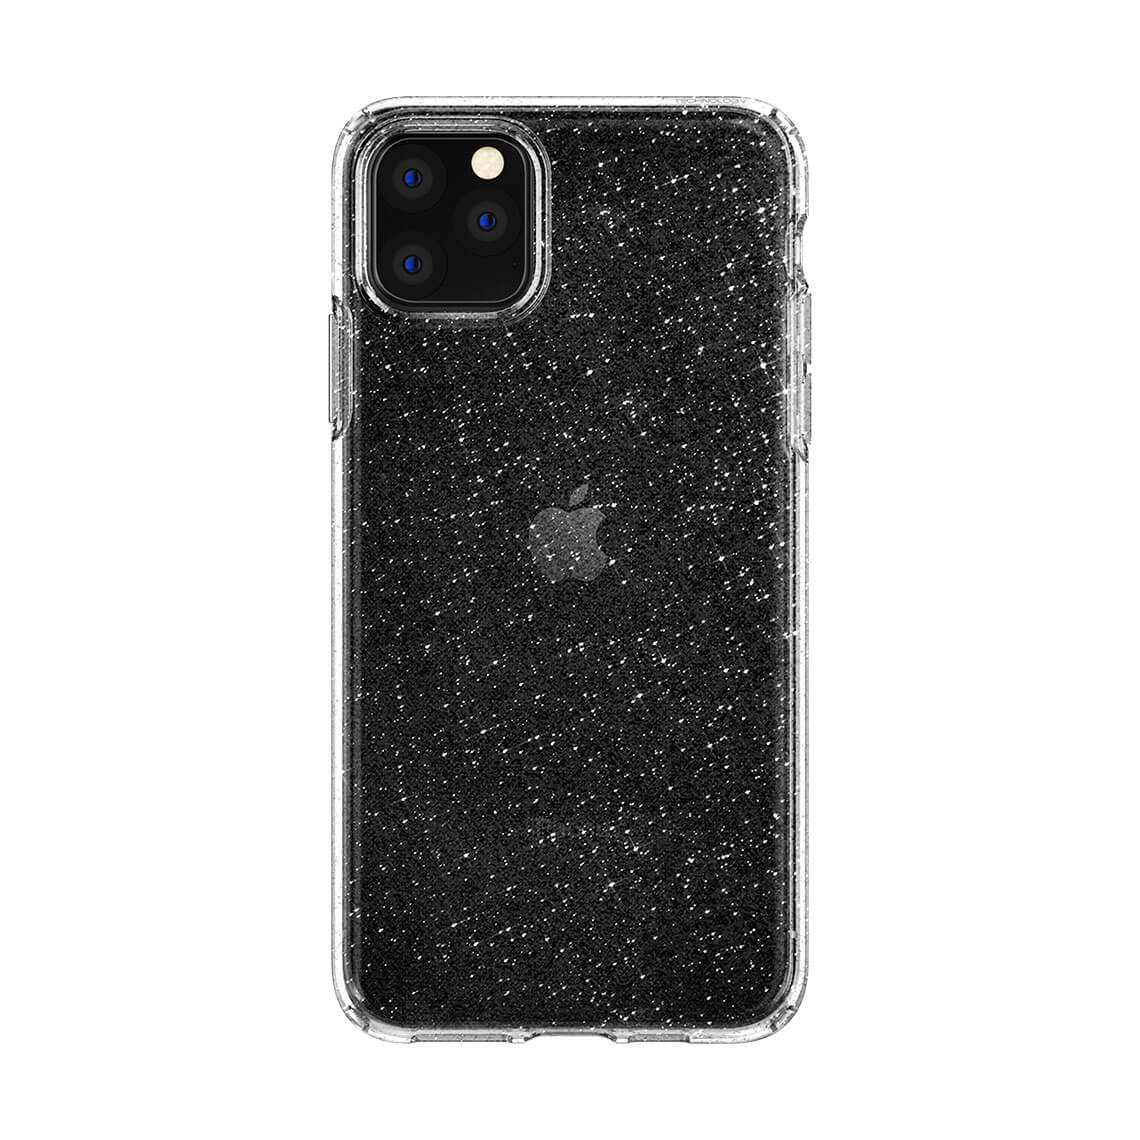 کاور اسپیگن مدل Liquid Crystal Glitter آیفون 11 Pro